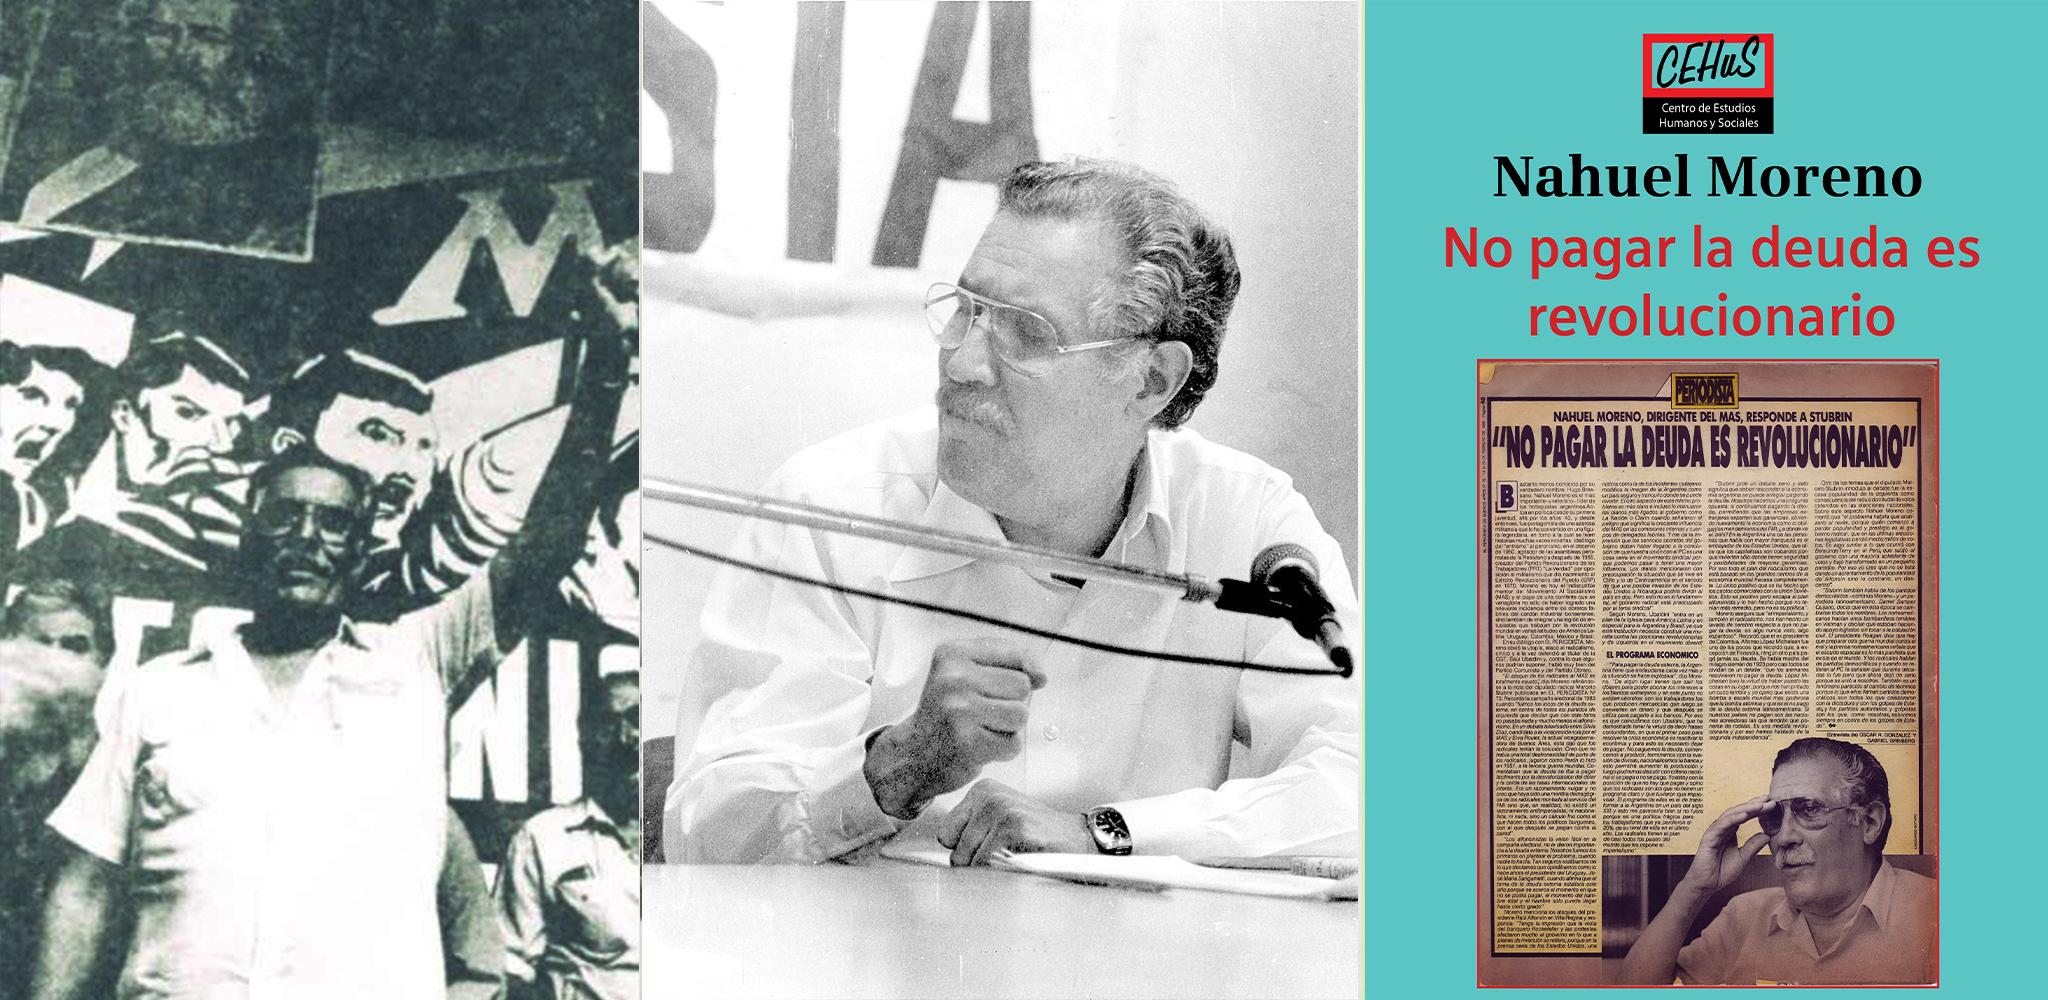 NO PAGAR LA DEUDA ES REVOLUCIONARIO (1986)